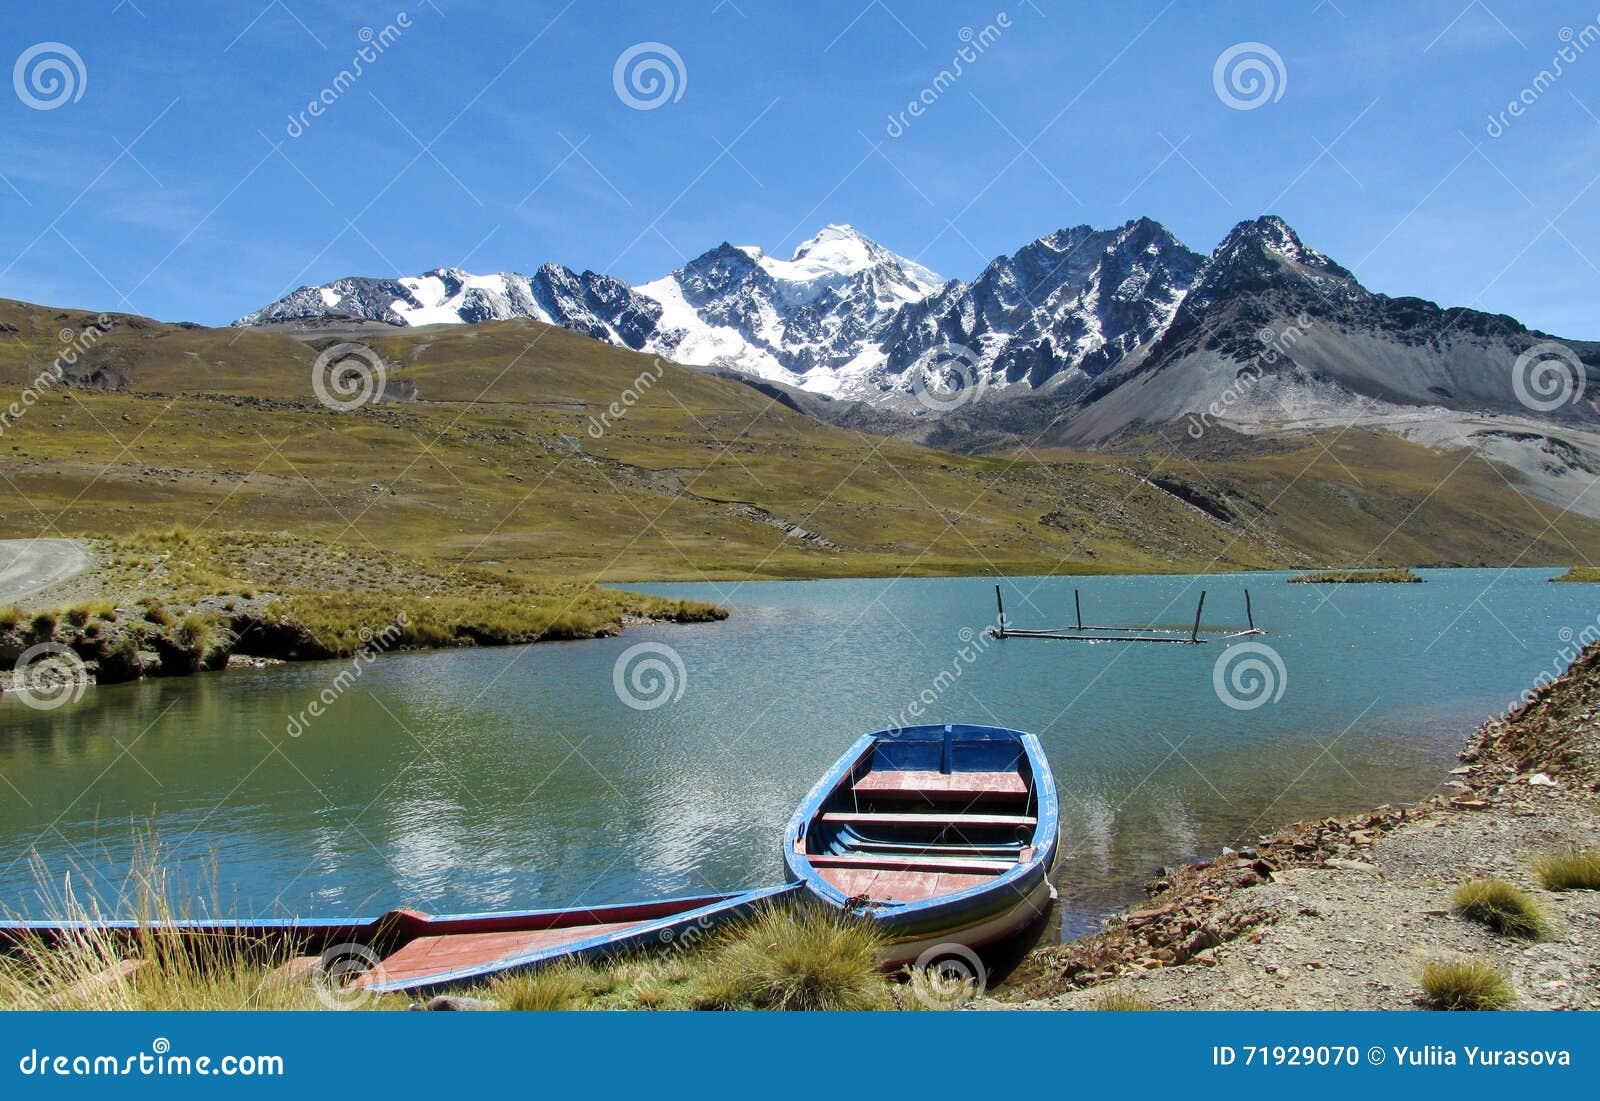 Шлюпка в снеге озера и горы выступает позади